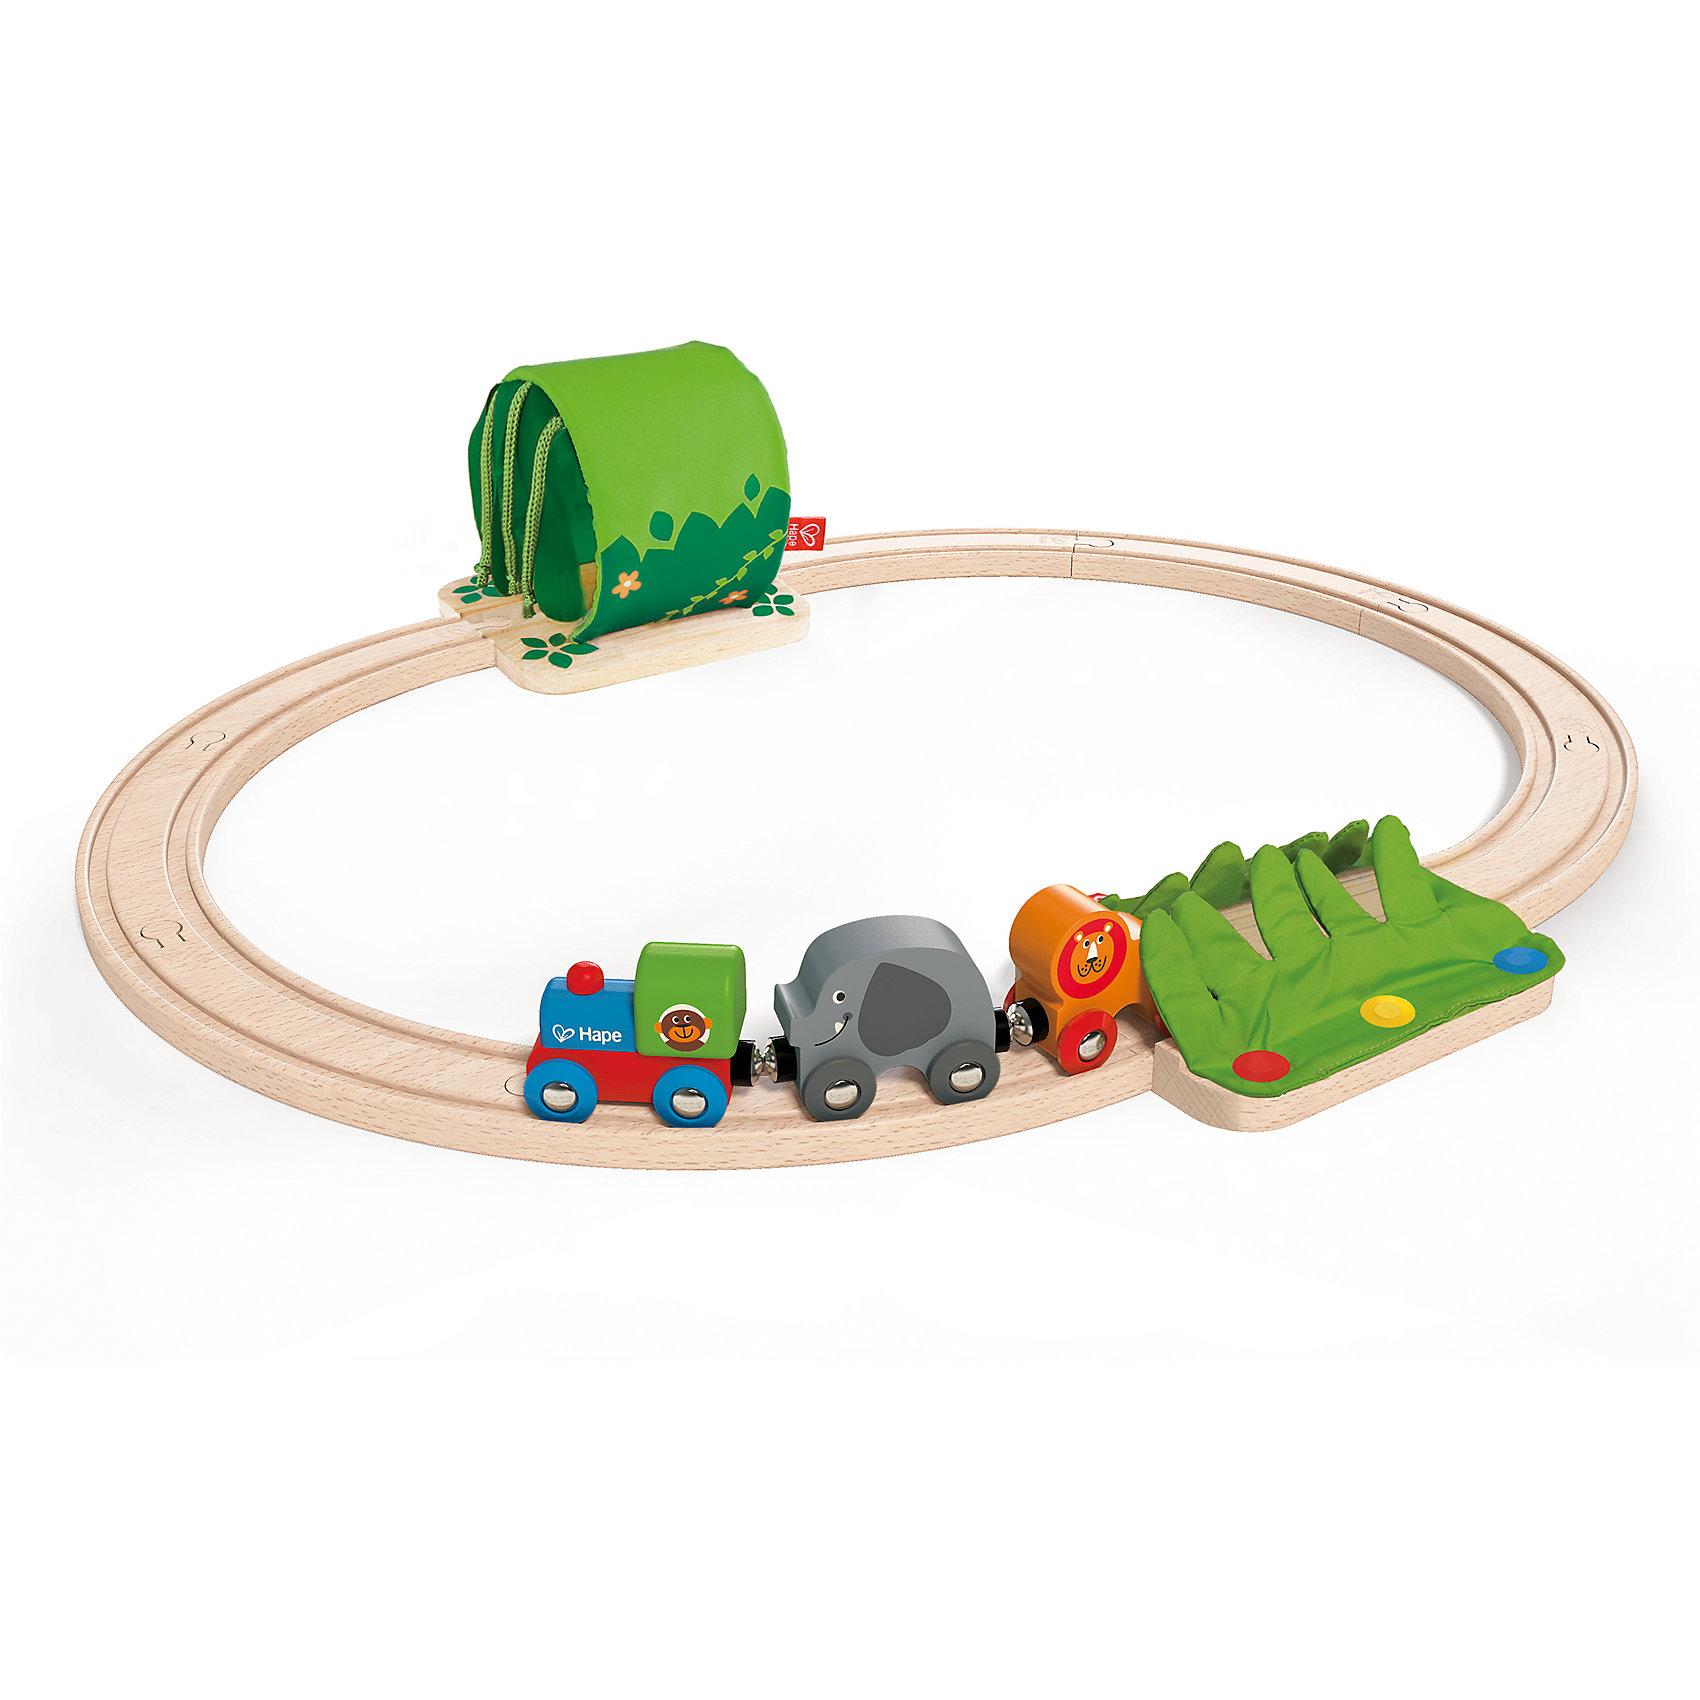 Развивающий набор Железная дорога, HapeИгрушечная железная дорога<br>Развивающий набор Железная дорога, Hape (Хейп).<br><br>Характеристики:<br><br>- В наборе: паровоз, 2 вагона, элементы для сбора железной дороги<br>- Количество деталей: 13<br>- Размер дороги: 25х48х20 см.<br>- Материал: древесина, текстиль<br>- Размер упаковки: 48х12х24 см.<br><br>Развивающий набор Железная дорога, Hape (Хейп) – это первая железная дорога малыша. Она легко собирается, состоит только из крупных элементов, чтобы ребенку было максимально комфортно играть с ней. К паровозику, при помощи магнитных элементов, присоединяются 2 вагончика в виде льва и слоника. Элементы железной дороги складываются в простой круг, на котором размещены тканевые заросли (имитация травы) и тоннель, сквозь которые будет проезжать поезд. Набор изготовлен из экологически чистых пород дерева и имеет прекрасную полировку, покрыт нетоксичной краской. Развивающий набор Железная дорога способствует развитию зрительно-моторной координации, творческих способностей и воображения.<br><br>Развивающий набор Железная дорога, Hape (Хейп) можно купить в нашем интернет-магазине.<br><br>Ширина мм: 470<br>Глубина мм: 600<br>Высота мм: 120<br>Вес г: 840<br>Возраст от месяцев: 18<br>Возраст до месяцев: 48<br>Пол: Мужской<br>Возраст: Детский<br>SKU: 5283589